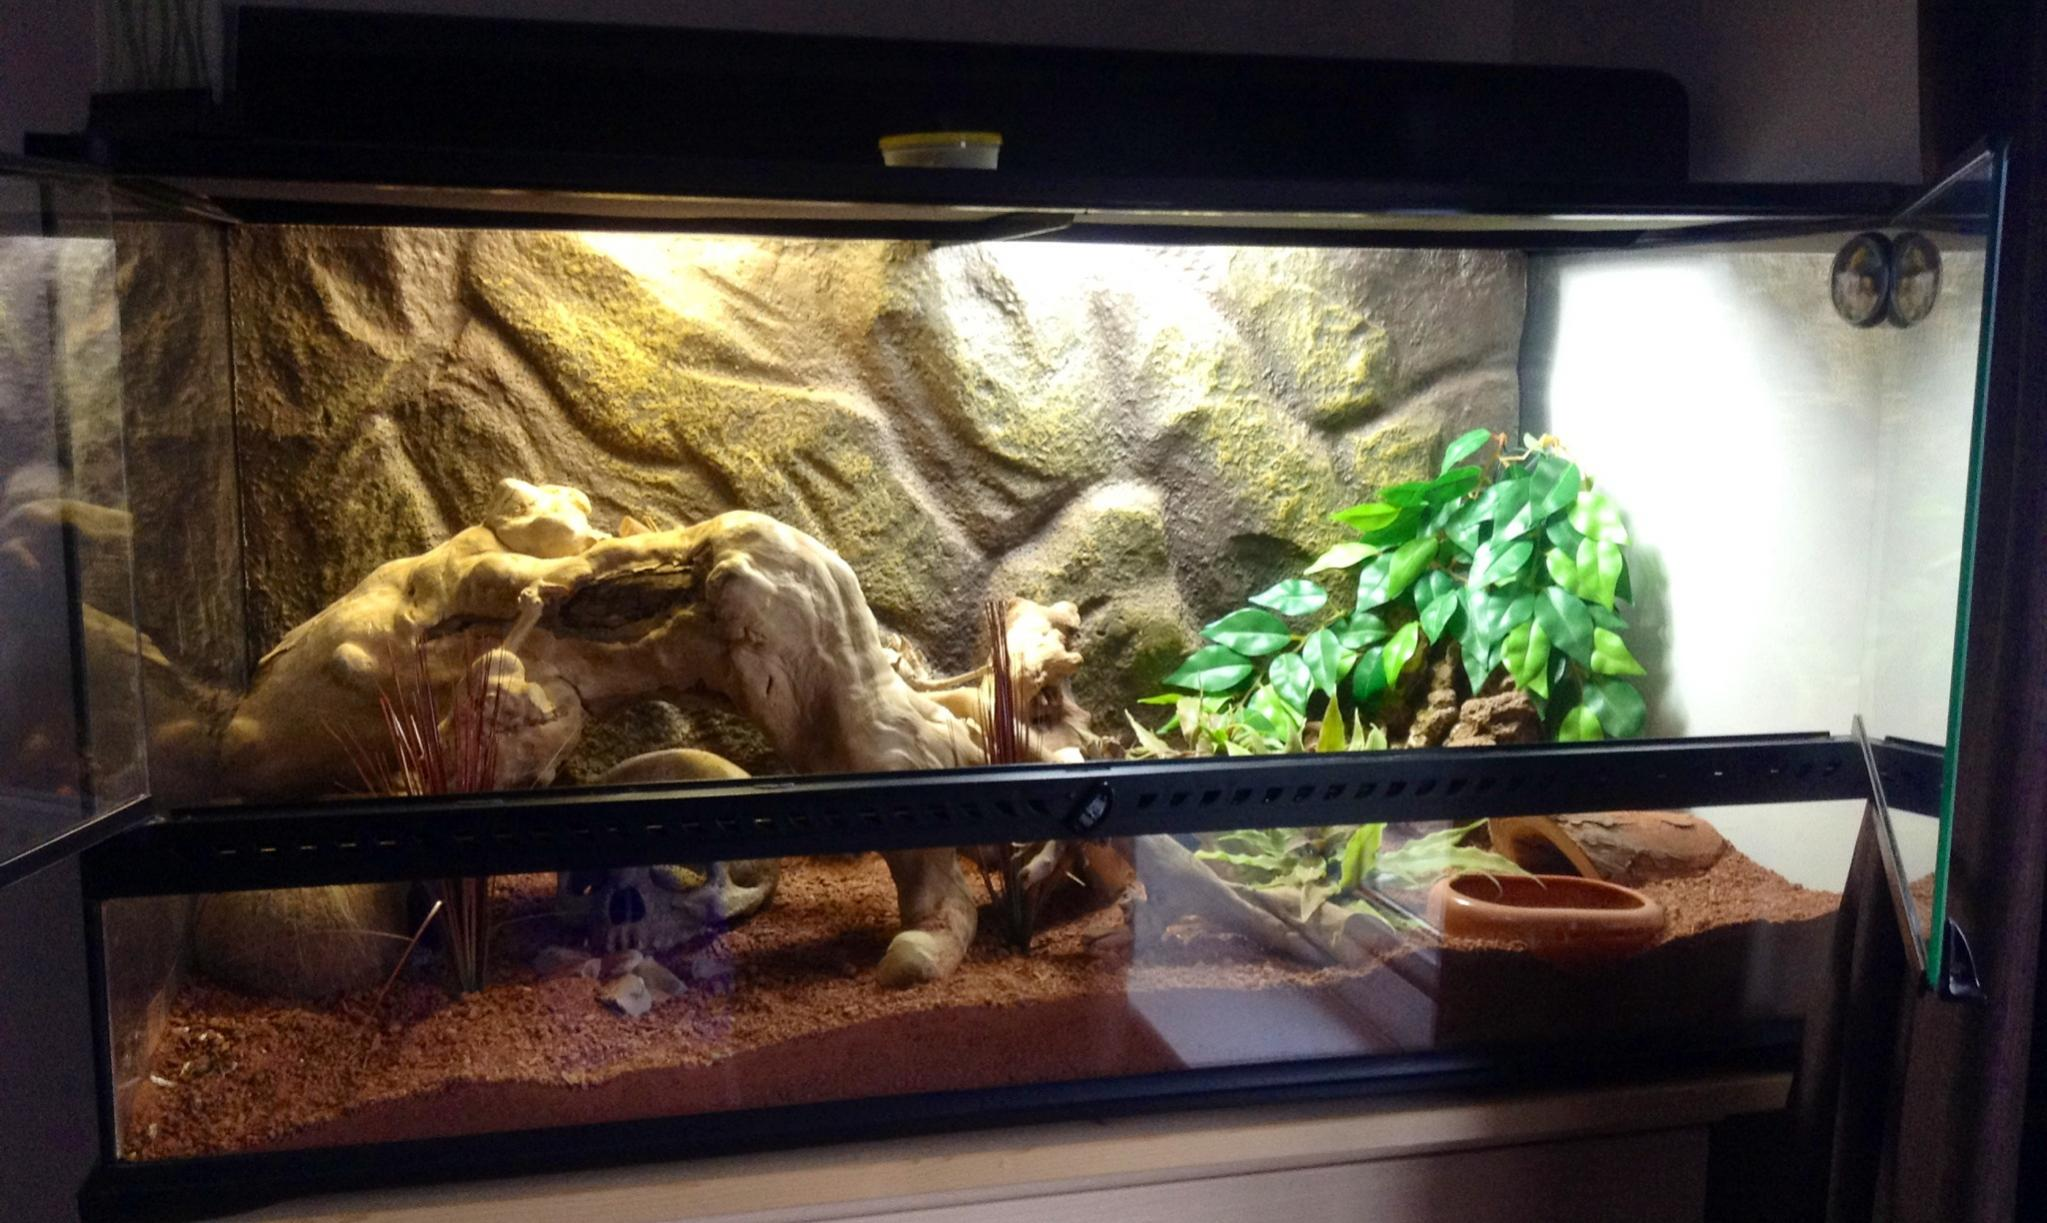 NE England 2 FEMALE Leopard geckos + Setup - Reptile ForumsLeopard Gecko Hatchling Tank Setup